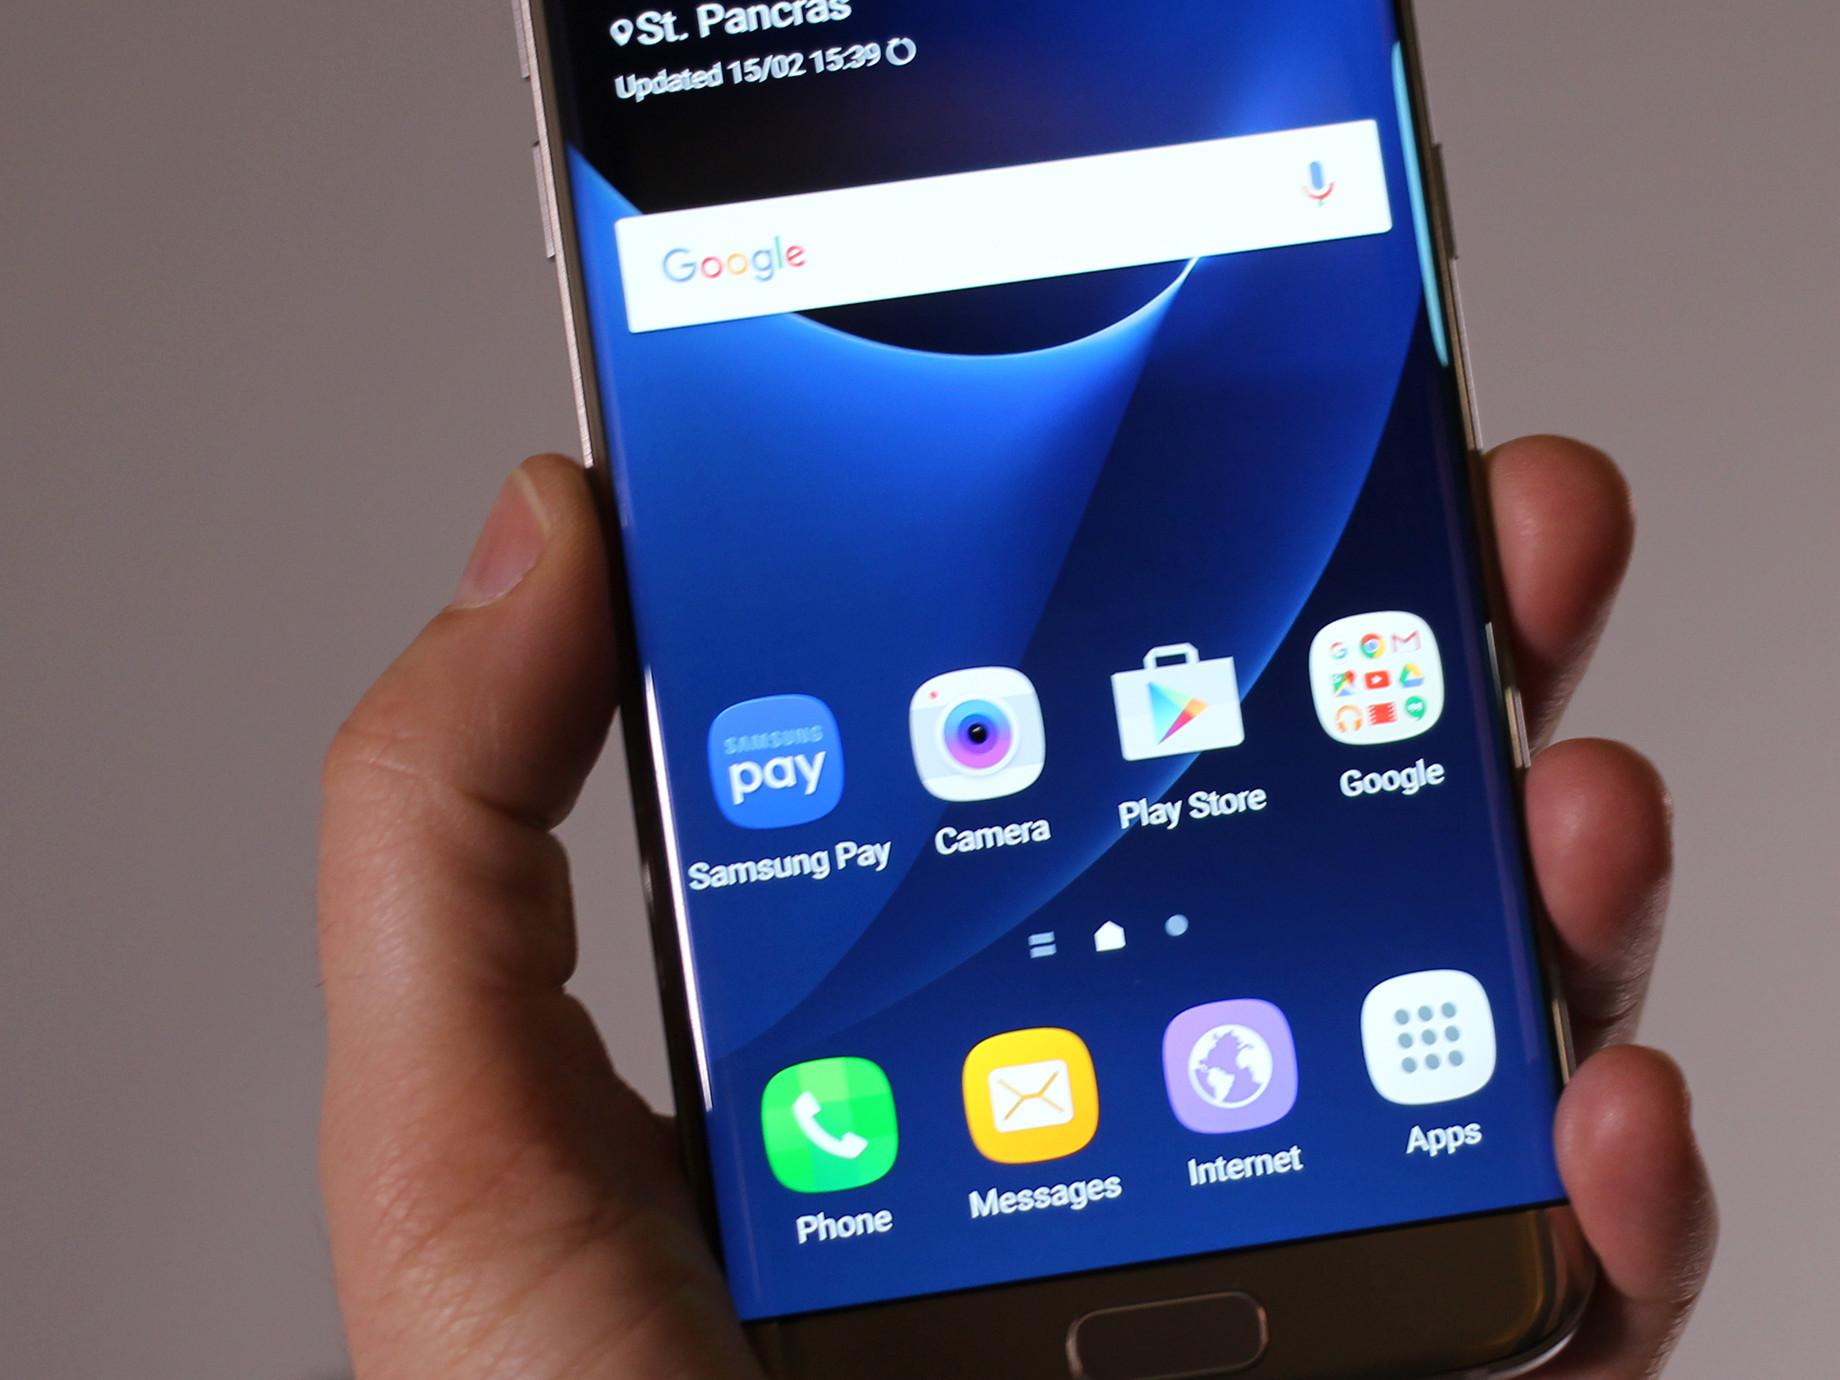 可刷卡覆蓋率達99%,Samsung Pay登台